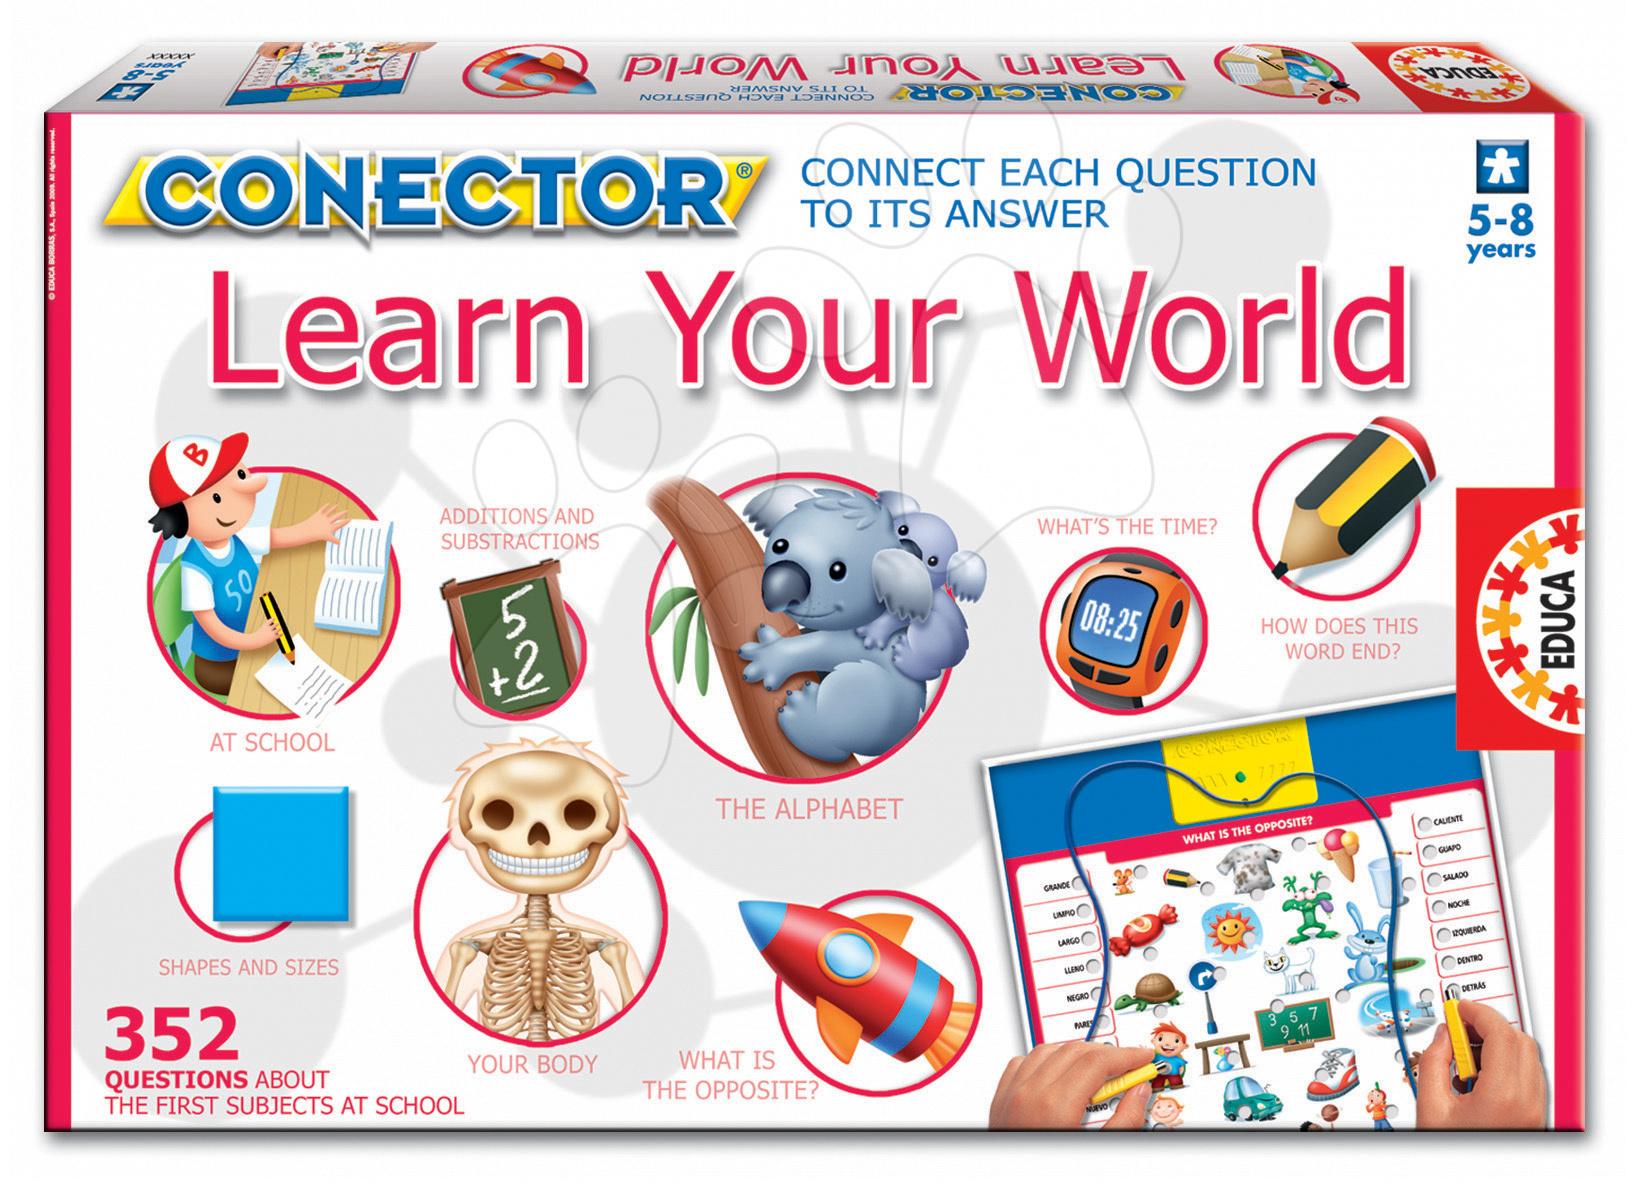 Cudzojazyčné spoločenské hry - Náučná hra Conector Learn Your World Educa 352 otázok v angličtine od 5 rokov